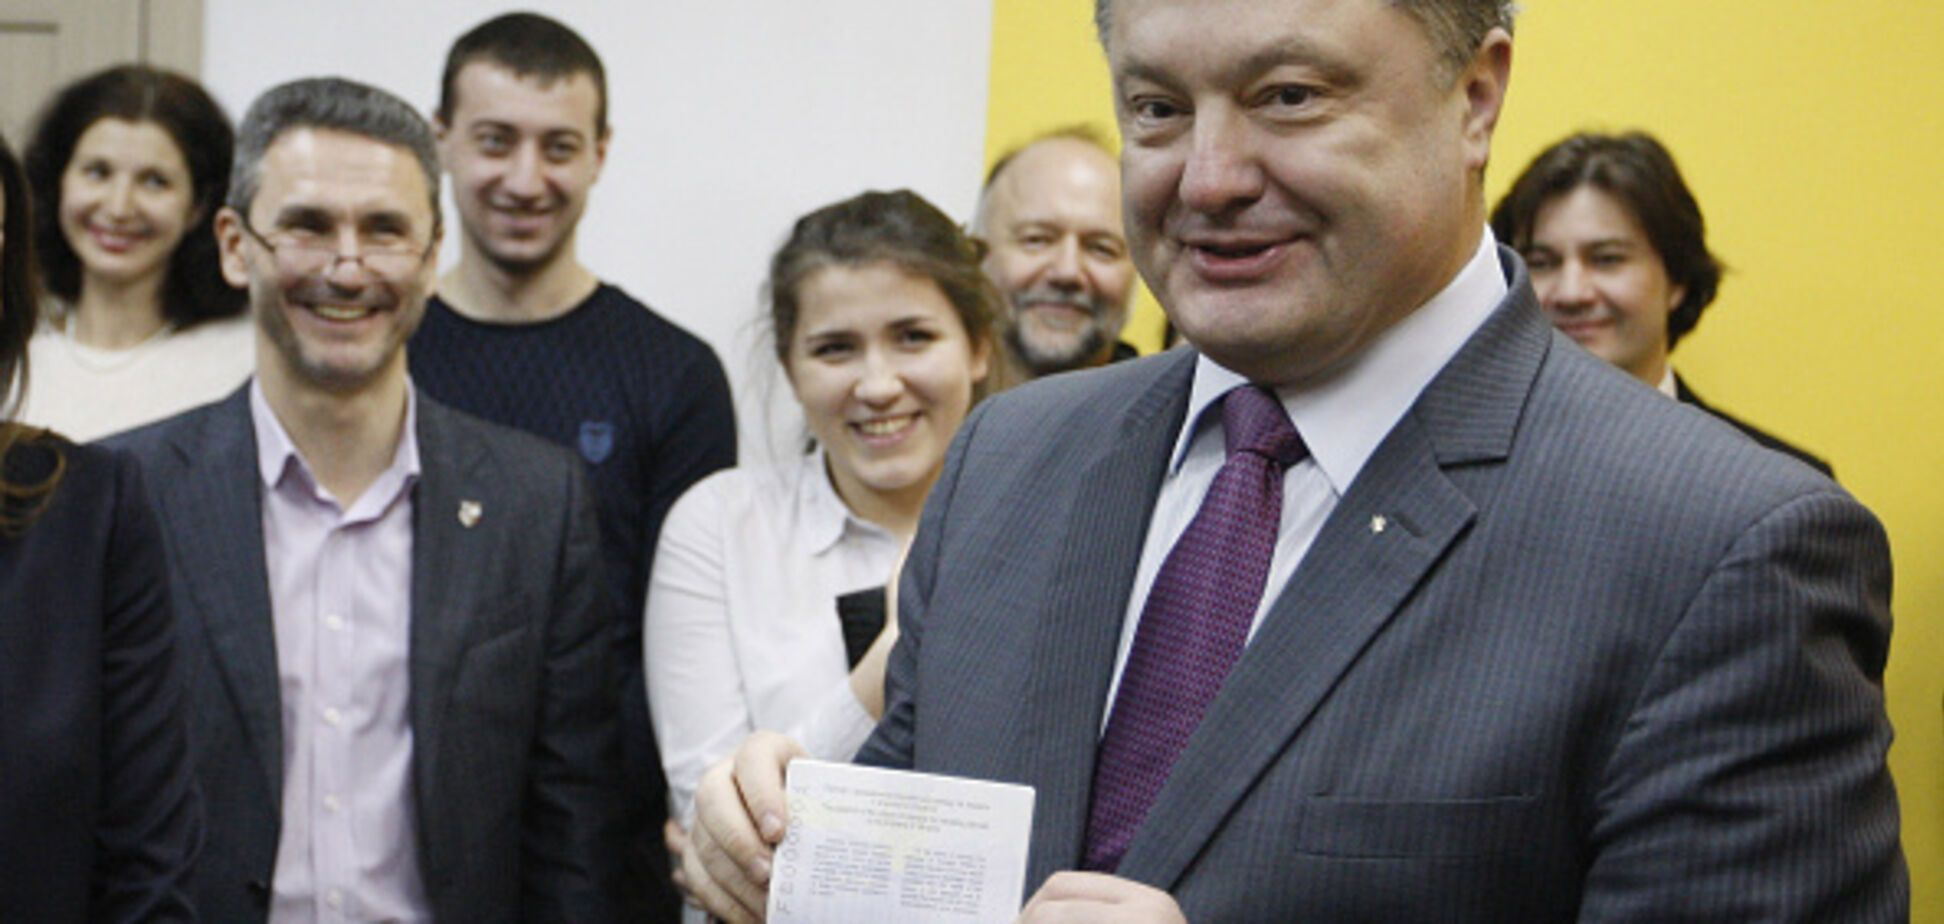 'Злили в РФ': у мережі повідомили про злом бази даних українських закордонних паспортів